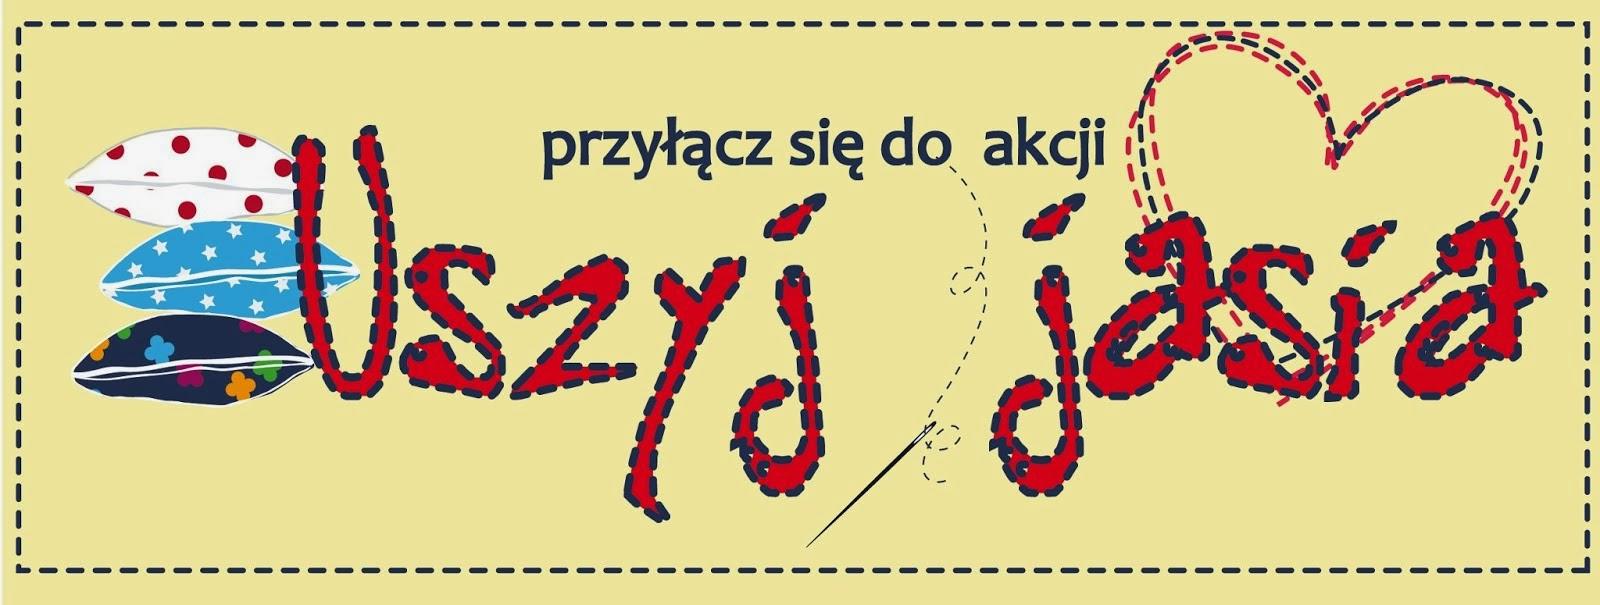 Uszyj Jasia